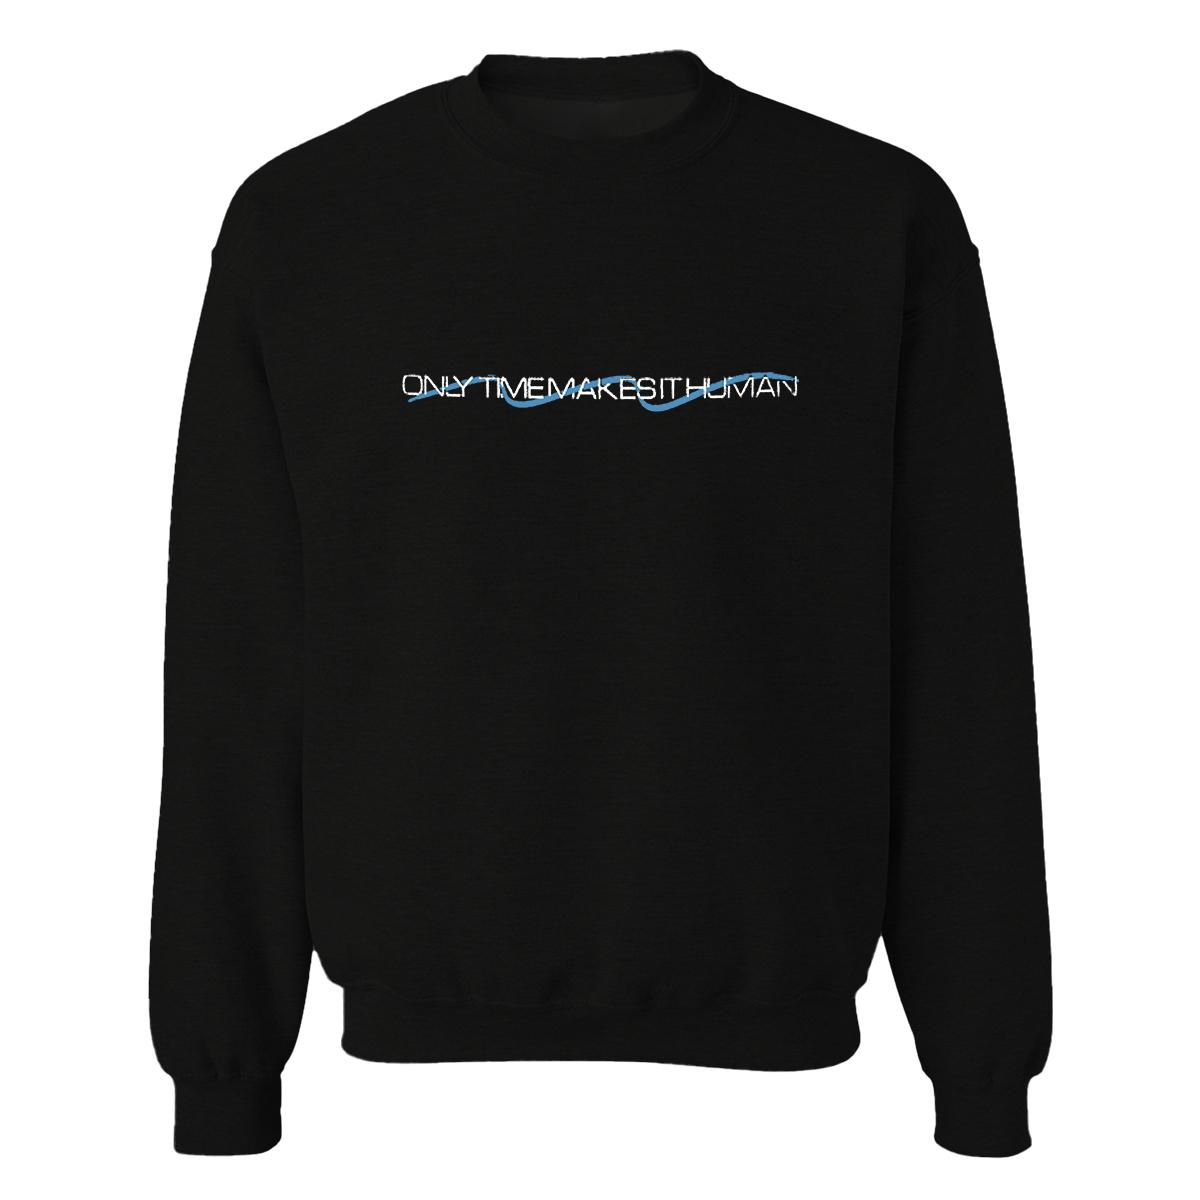 OTMIH Crewneck Sweatshirt